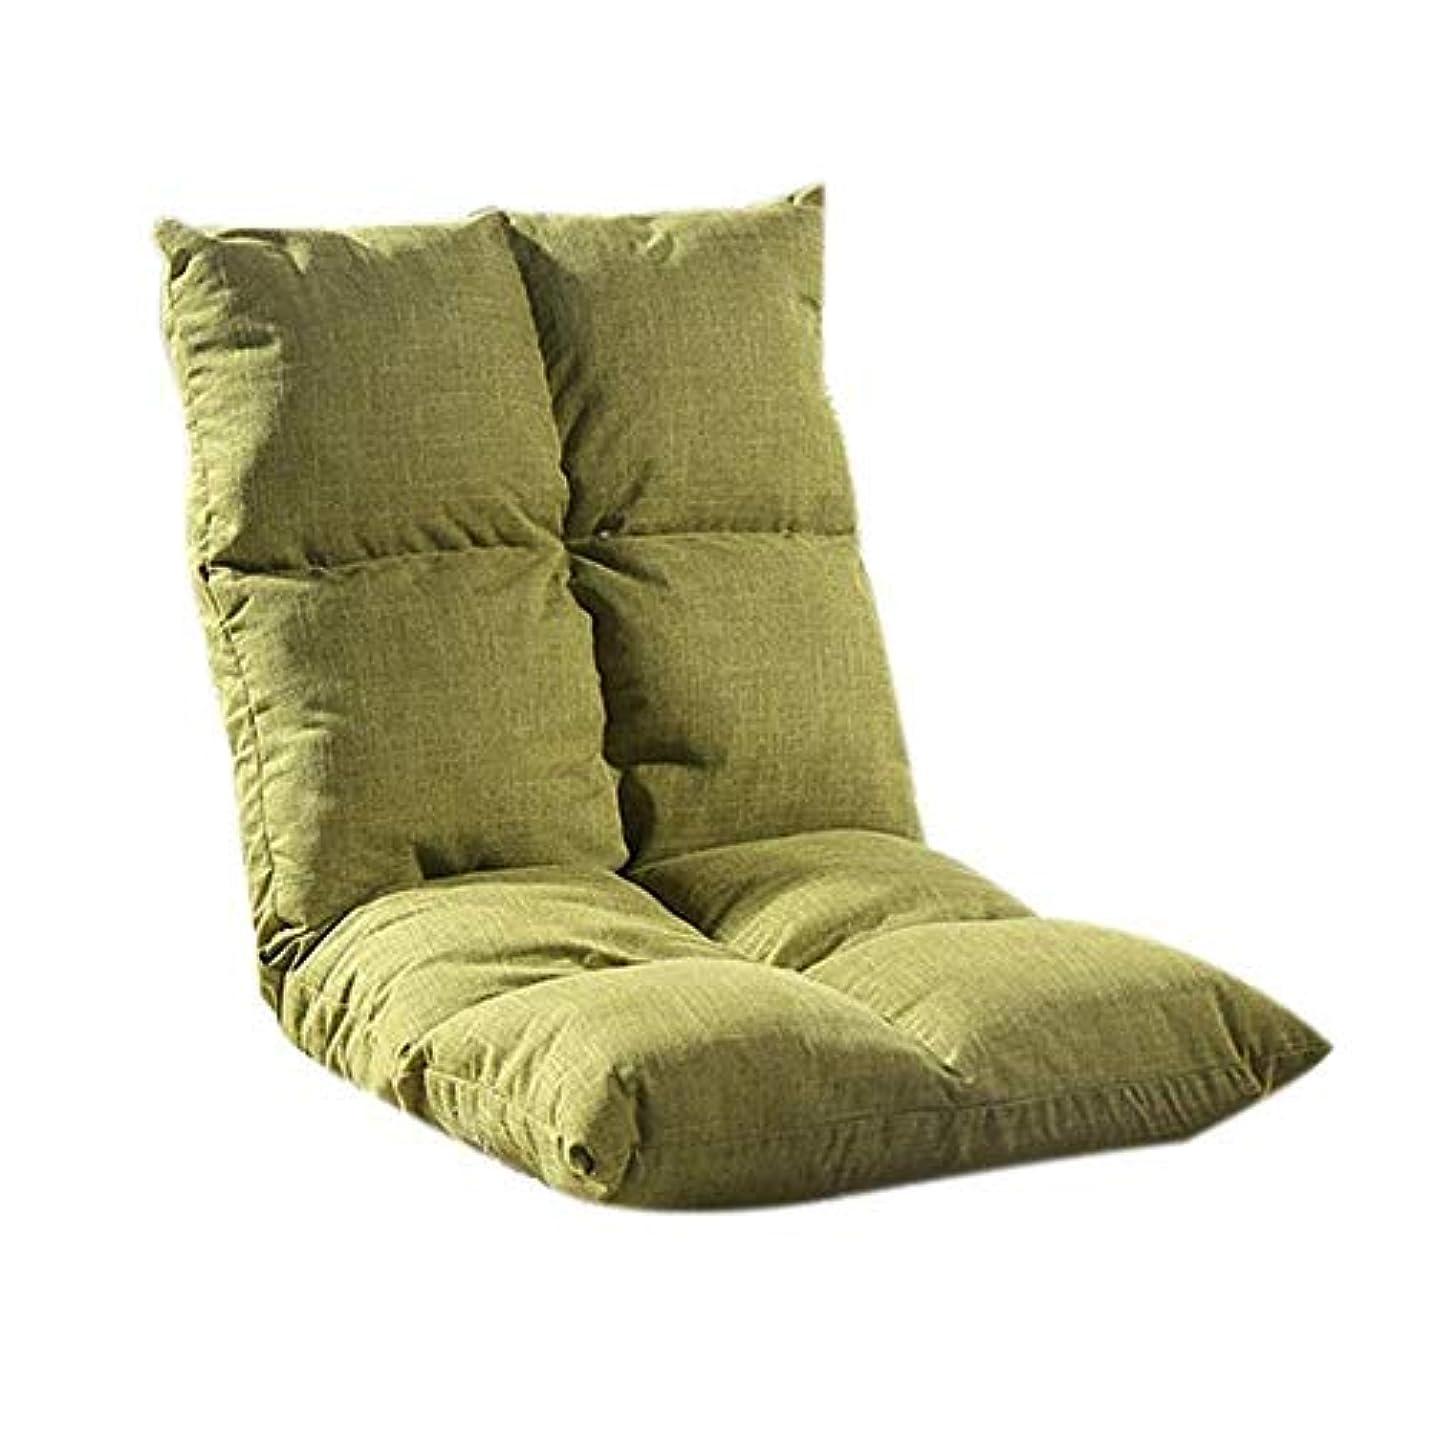 富思いつくシャッター怠zyなフロアチェア、畳クッション、シングルメディテーションチェア、背もたれ一体型フロアクッション、折りたたみ式厚手バルコニー和風、調節可能な椅子怠Adjustなソファゲームチェア (Color : 緑)